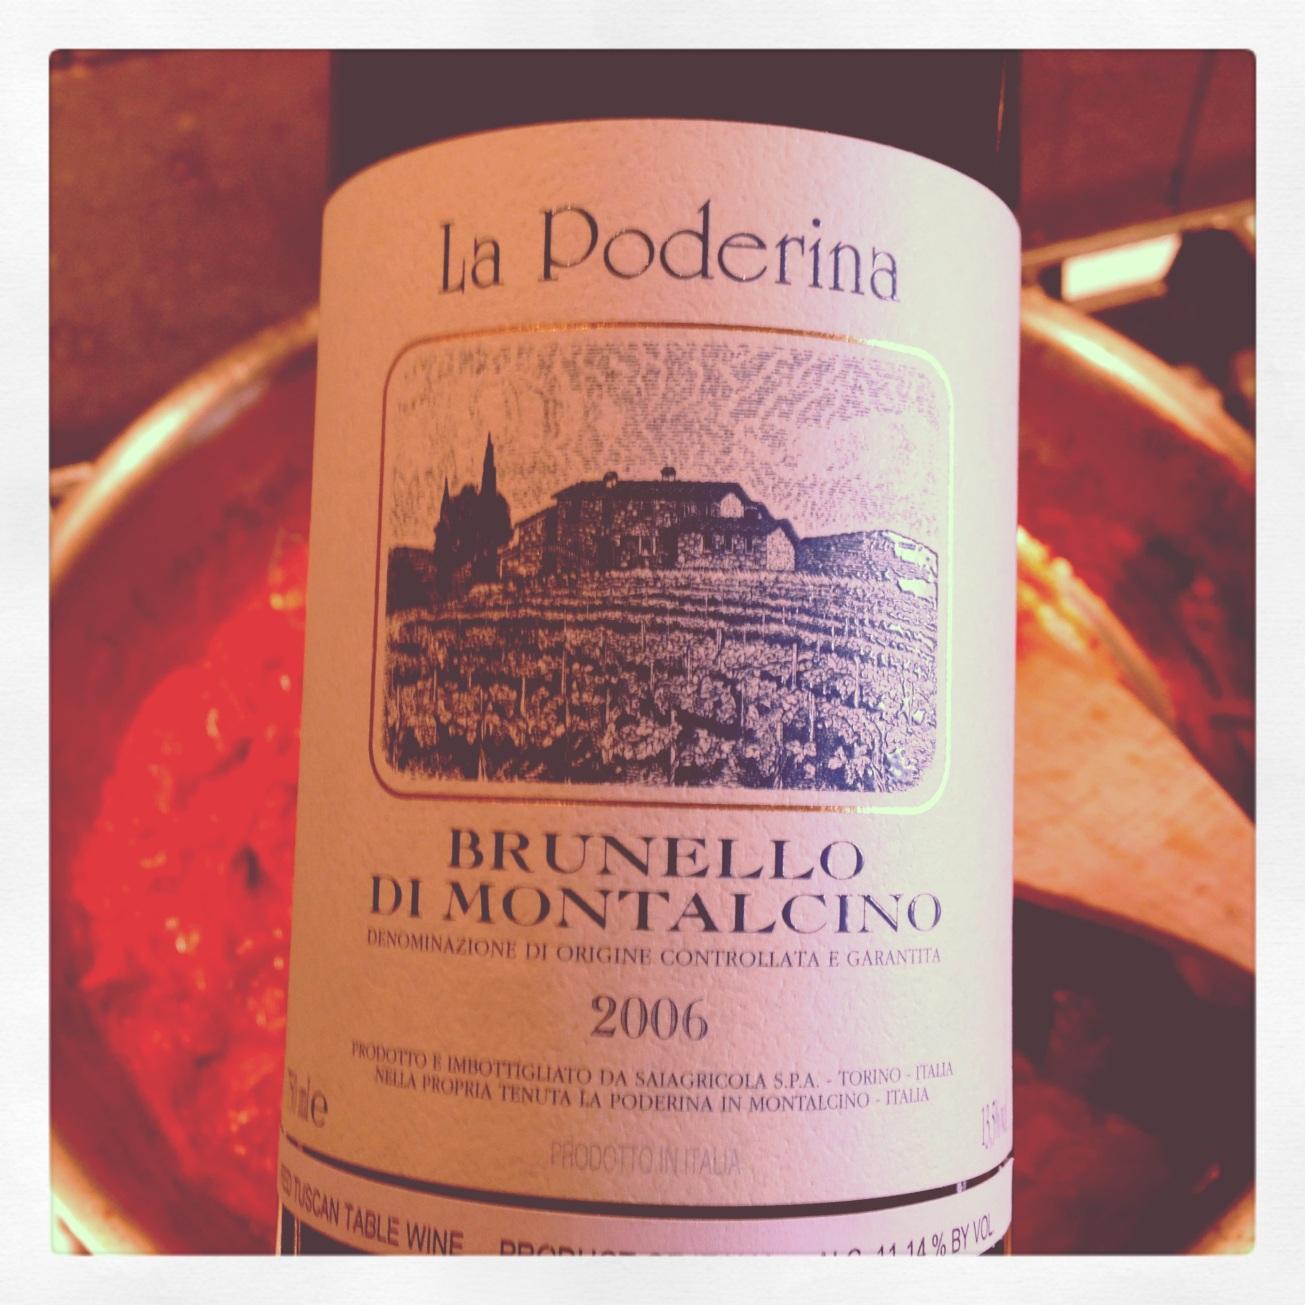 2006 La Poderina Brunello di Montalcino